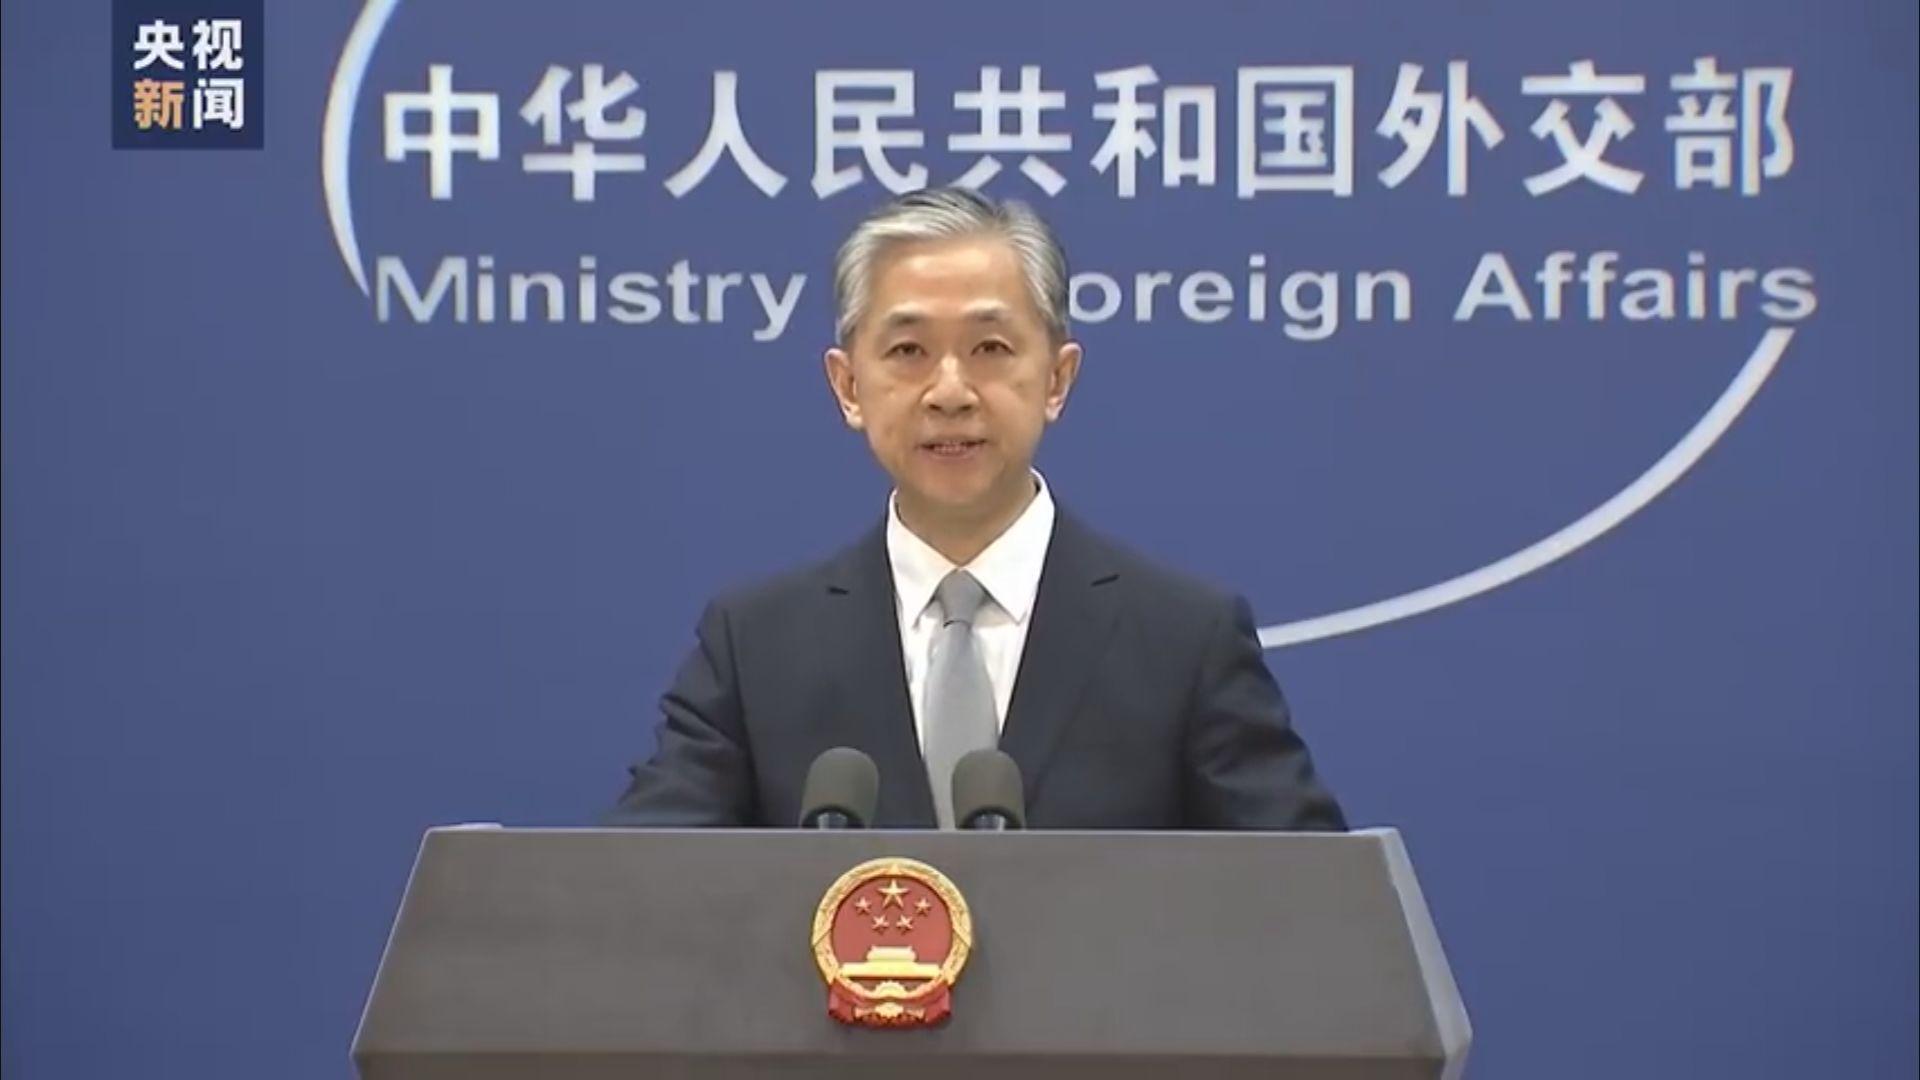 美參議院討論對台政策 北京促美方恪守一個中國原則